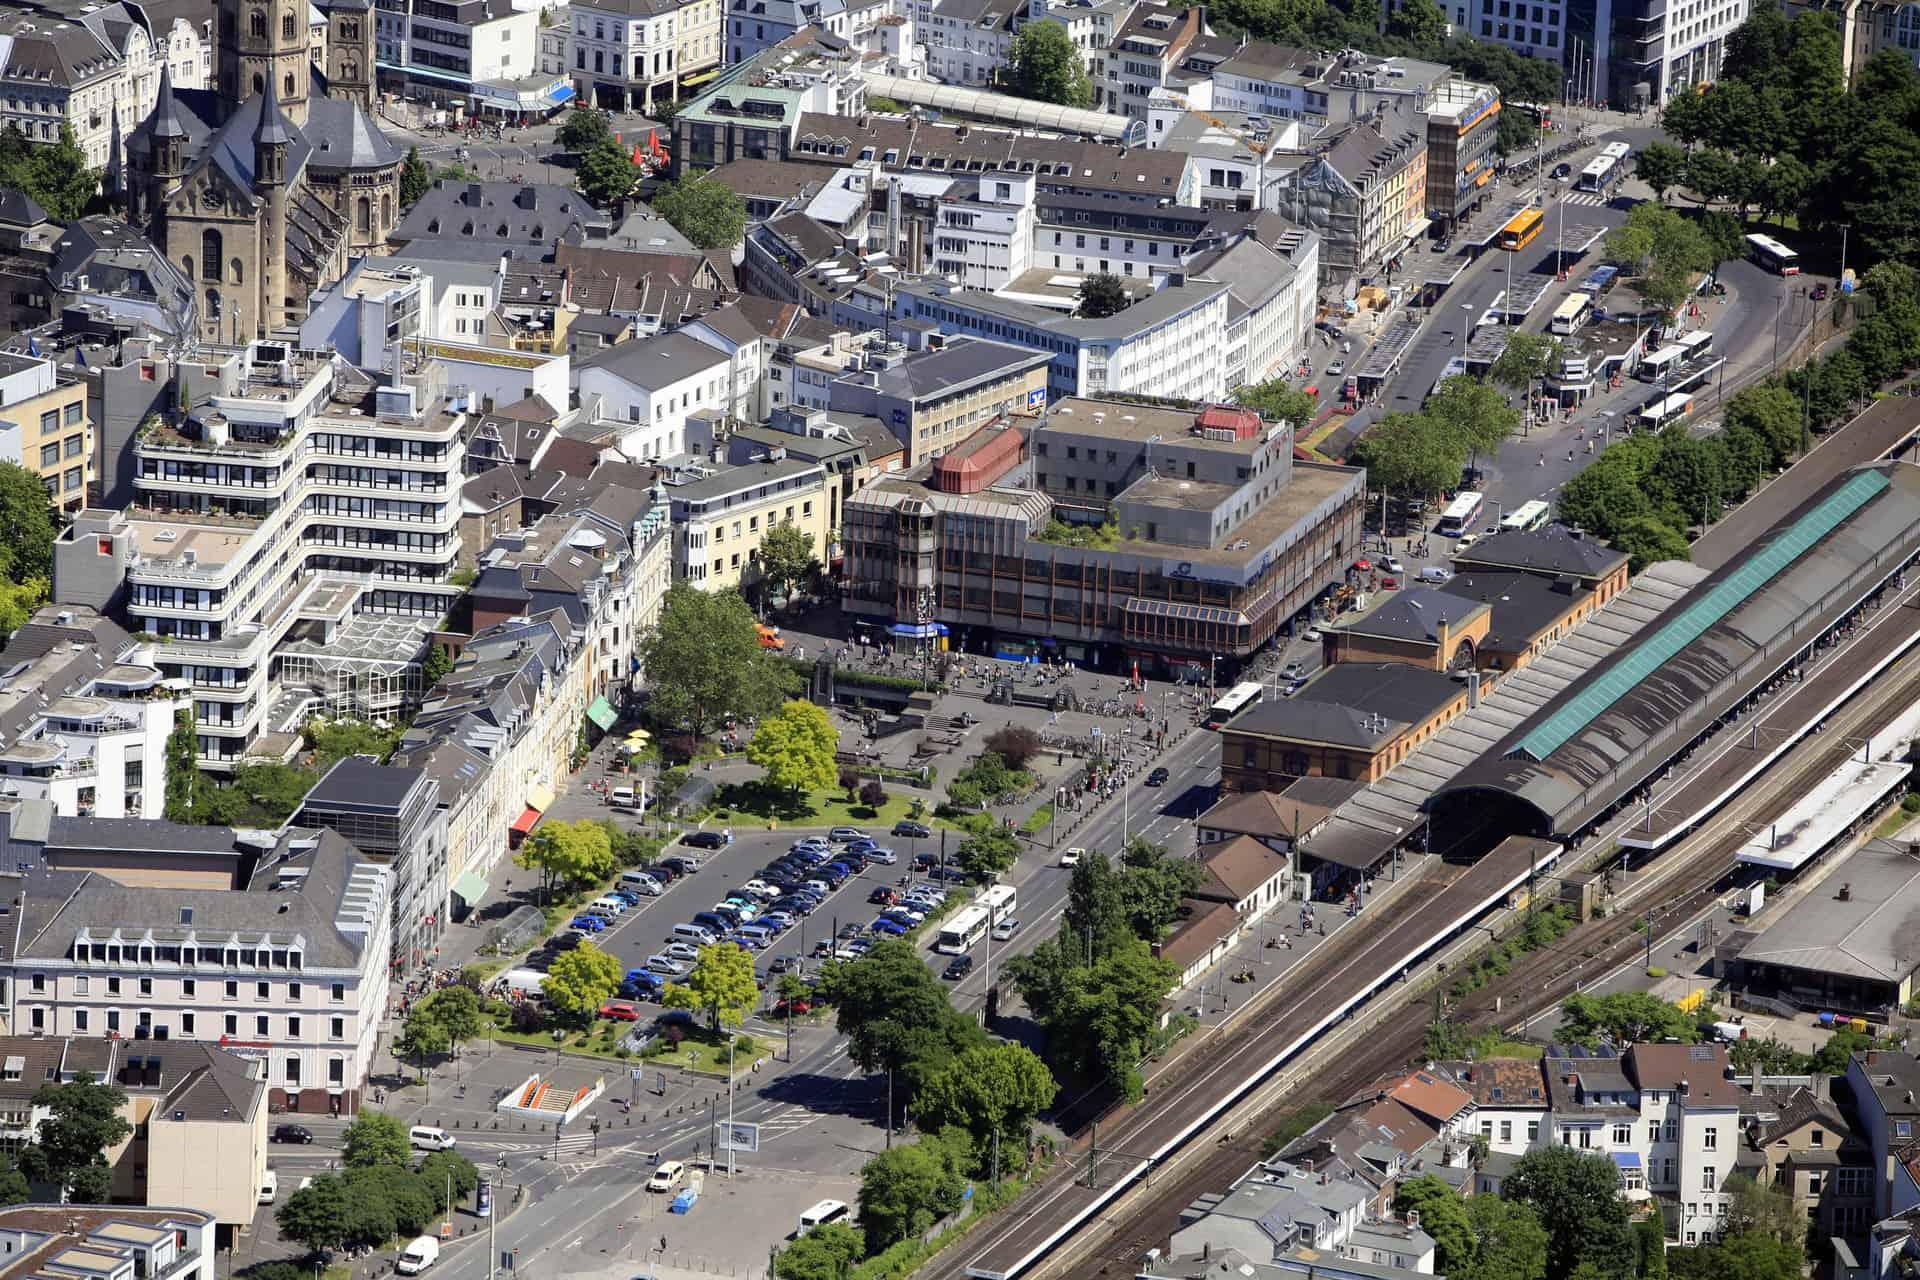 Neubau der Südüberbauung liegt im städtebaulichen Interesse Bonns, ist und bleibt aber ein privates Invest